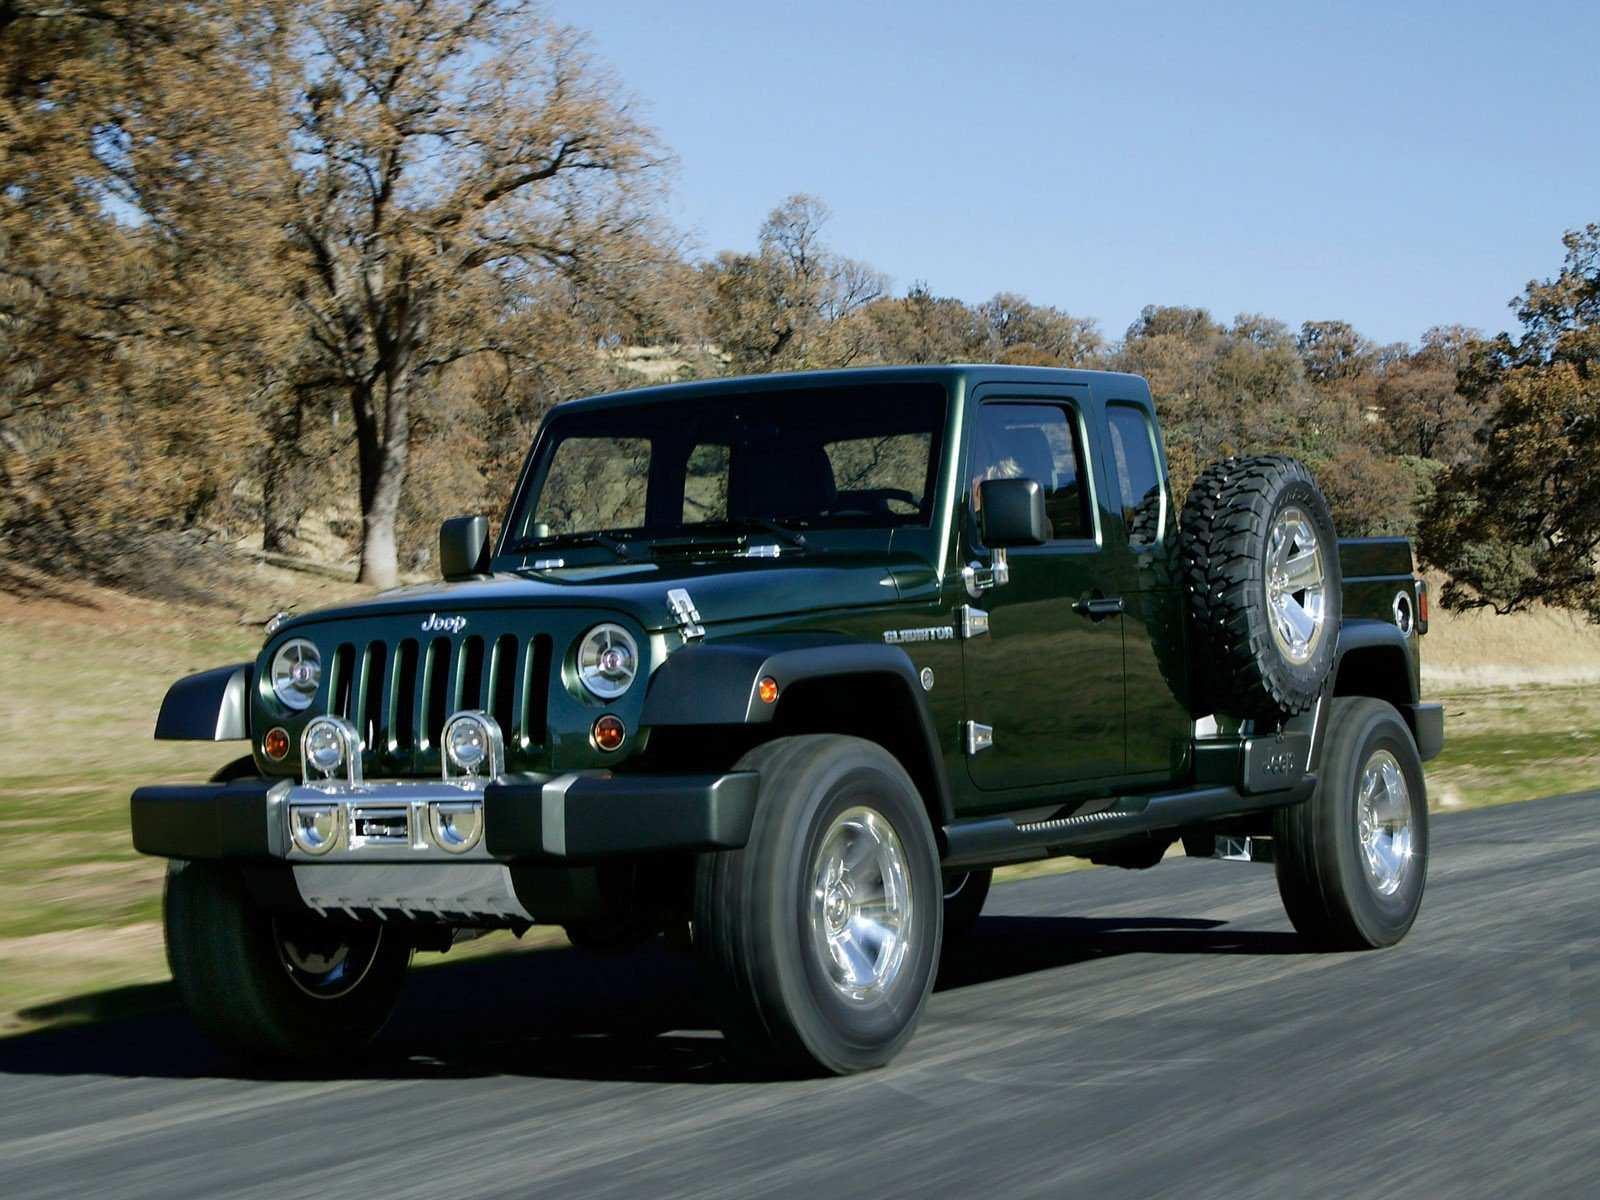 21 New 2020 Jeep Gladiator 2 Door History for 2020 Jeep Gladiator 2 Door